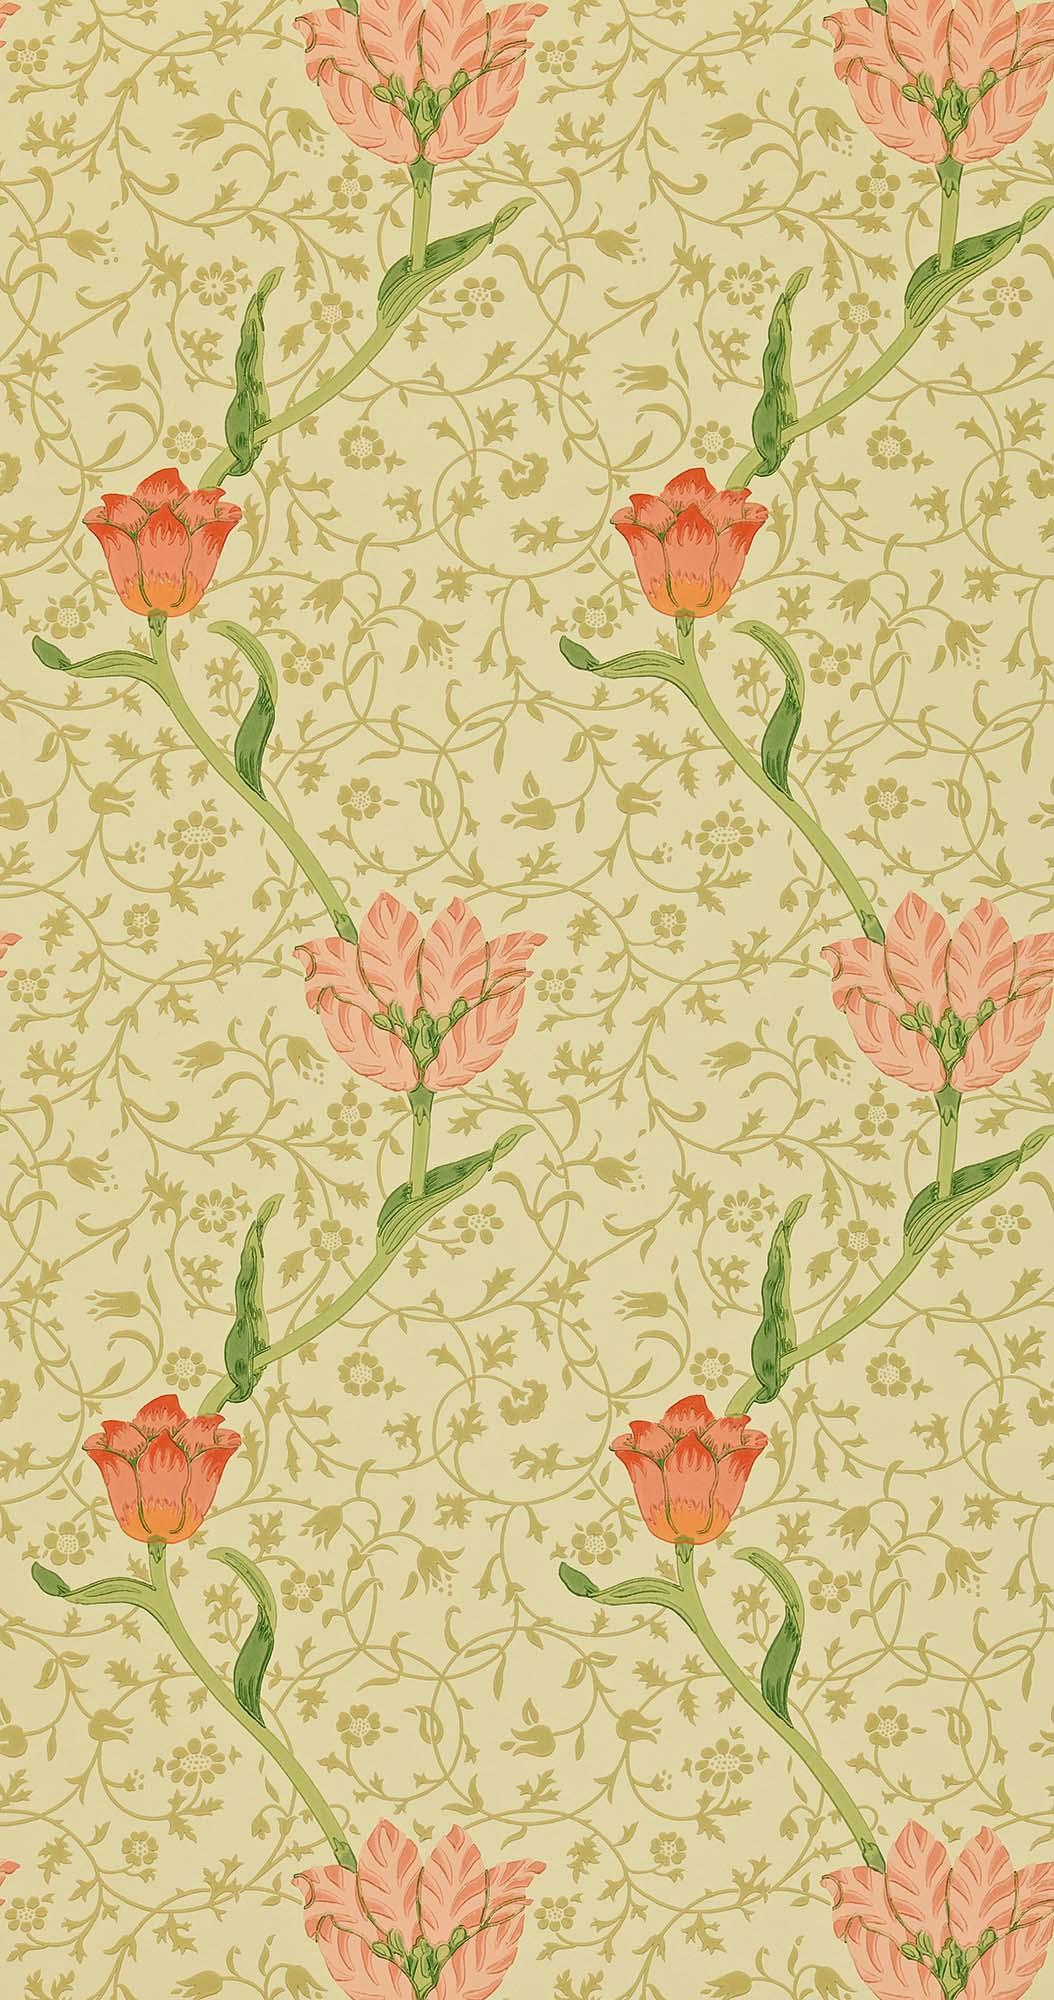 ウィリアムモリス壁紙 Garden Tulip WM-8552-2